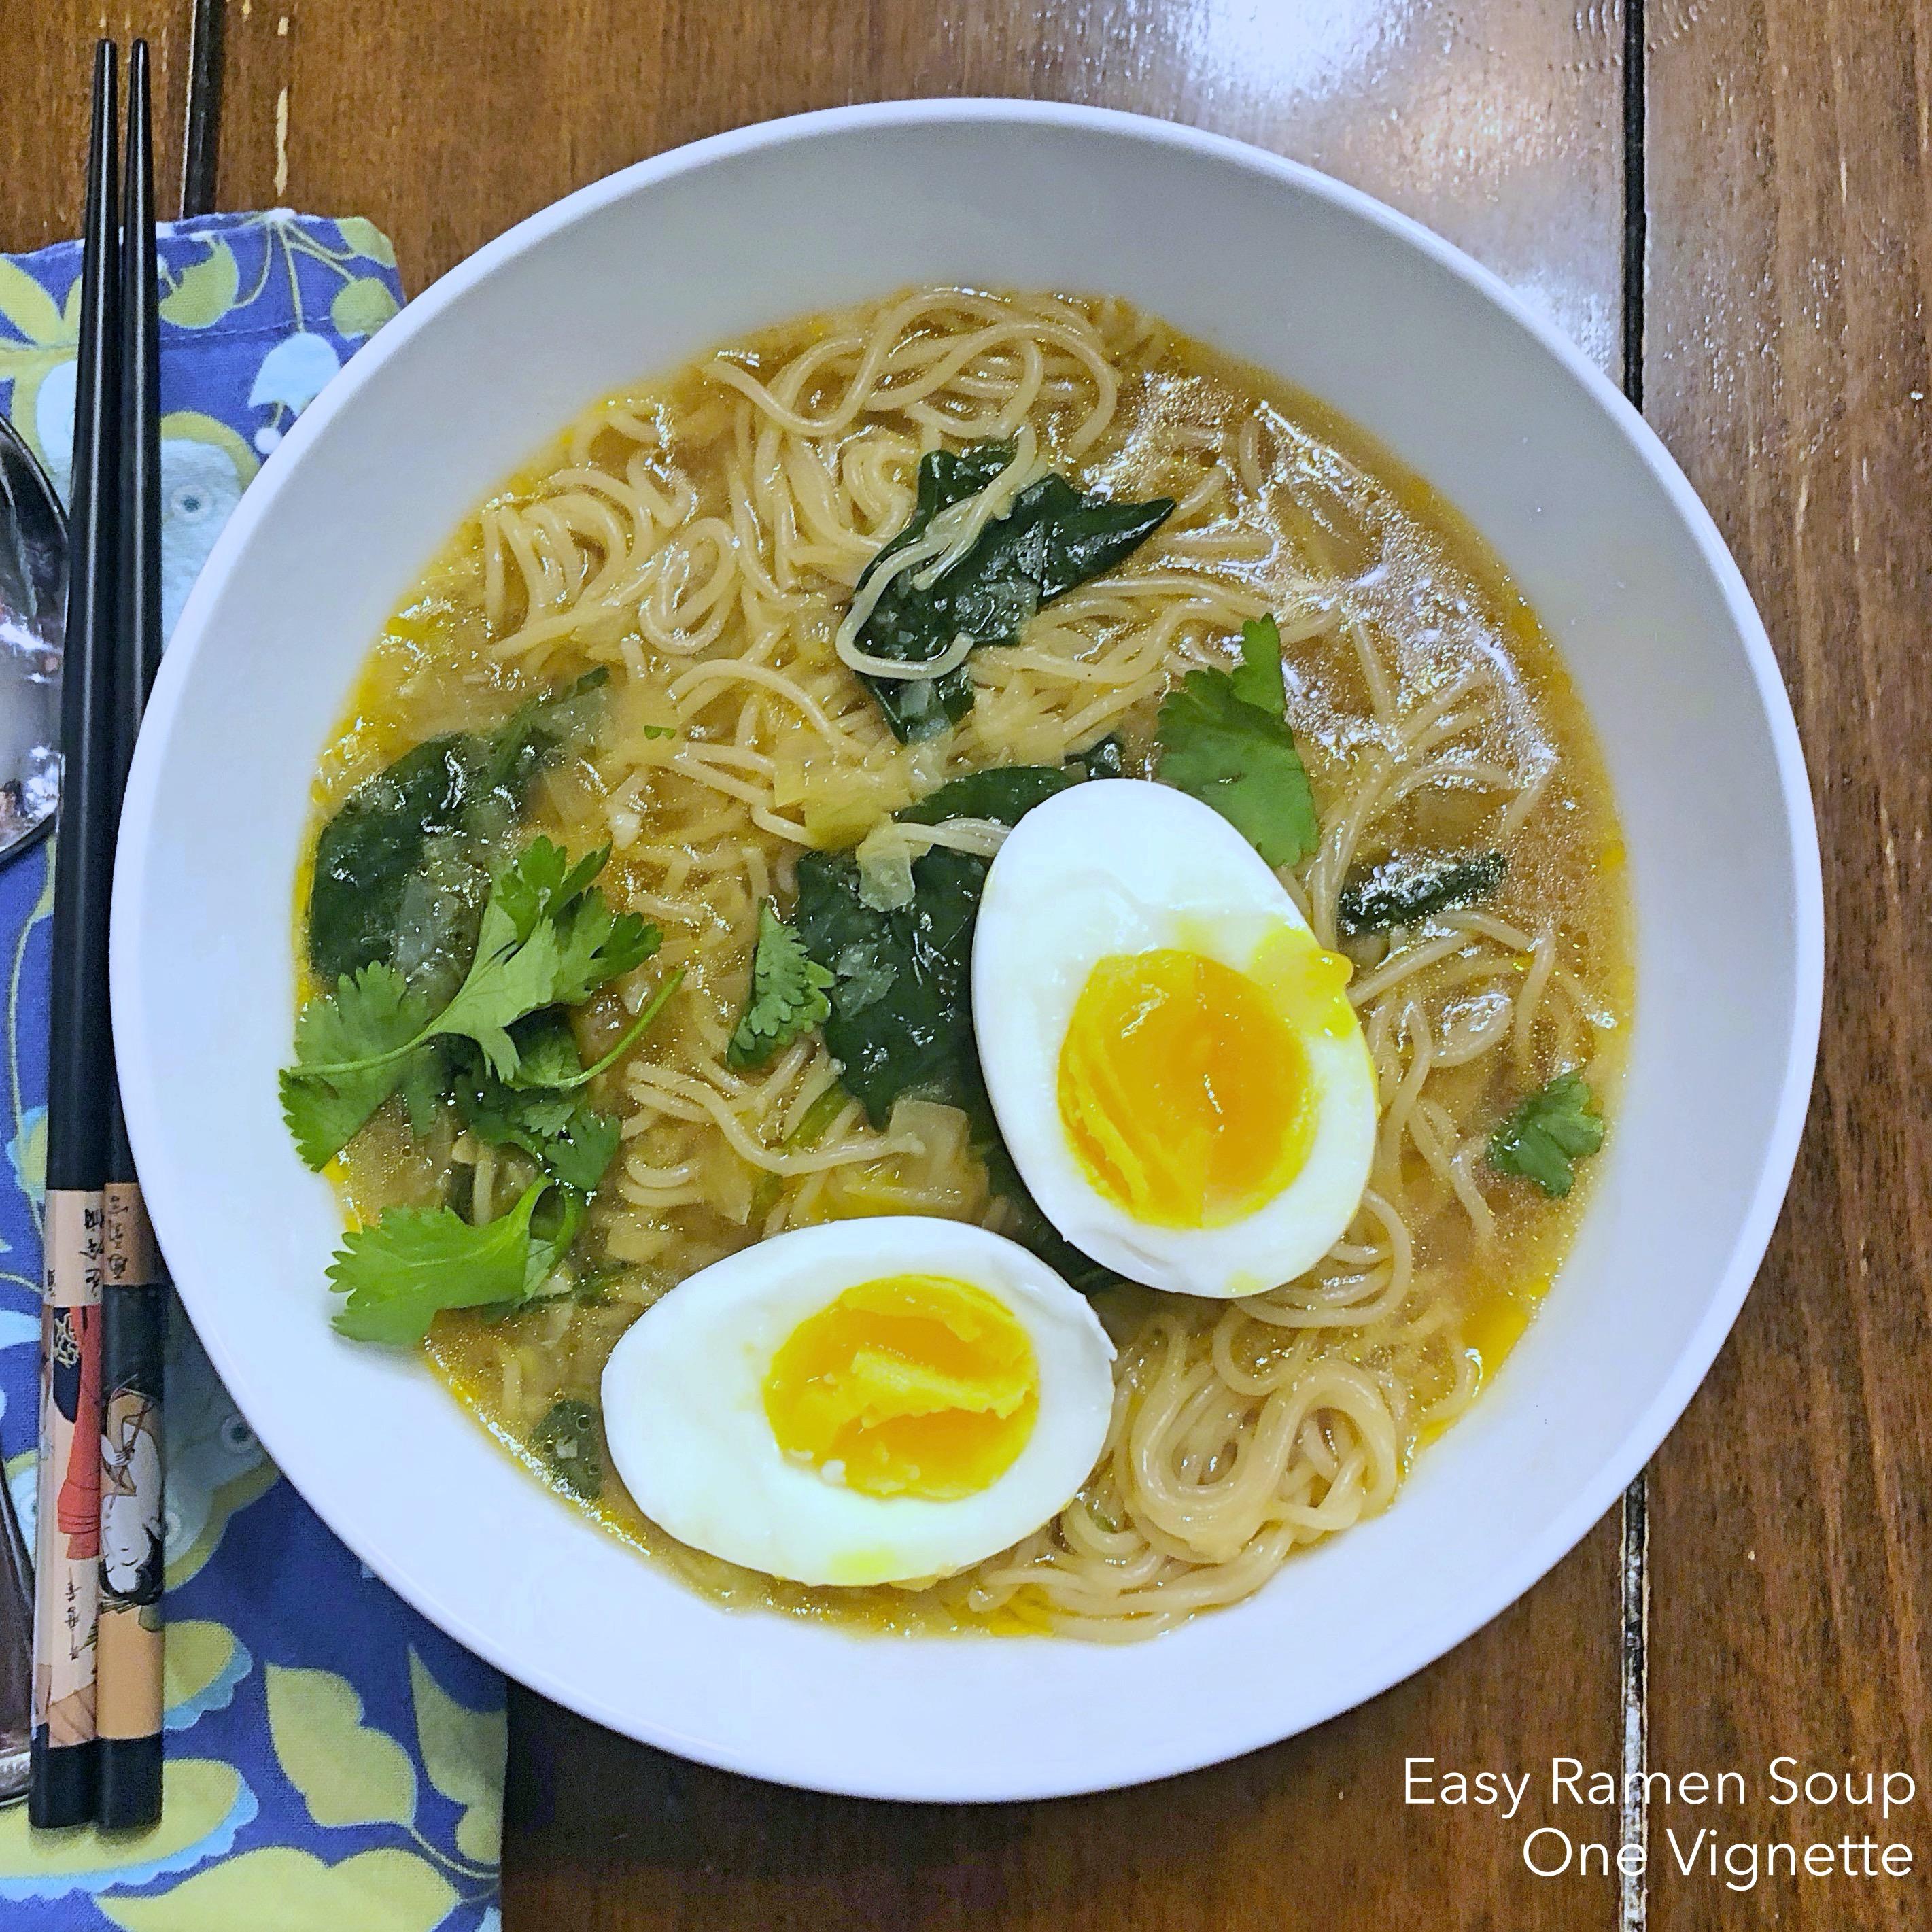 Leah Cooks Easy Ramen Soup